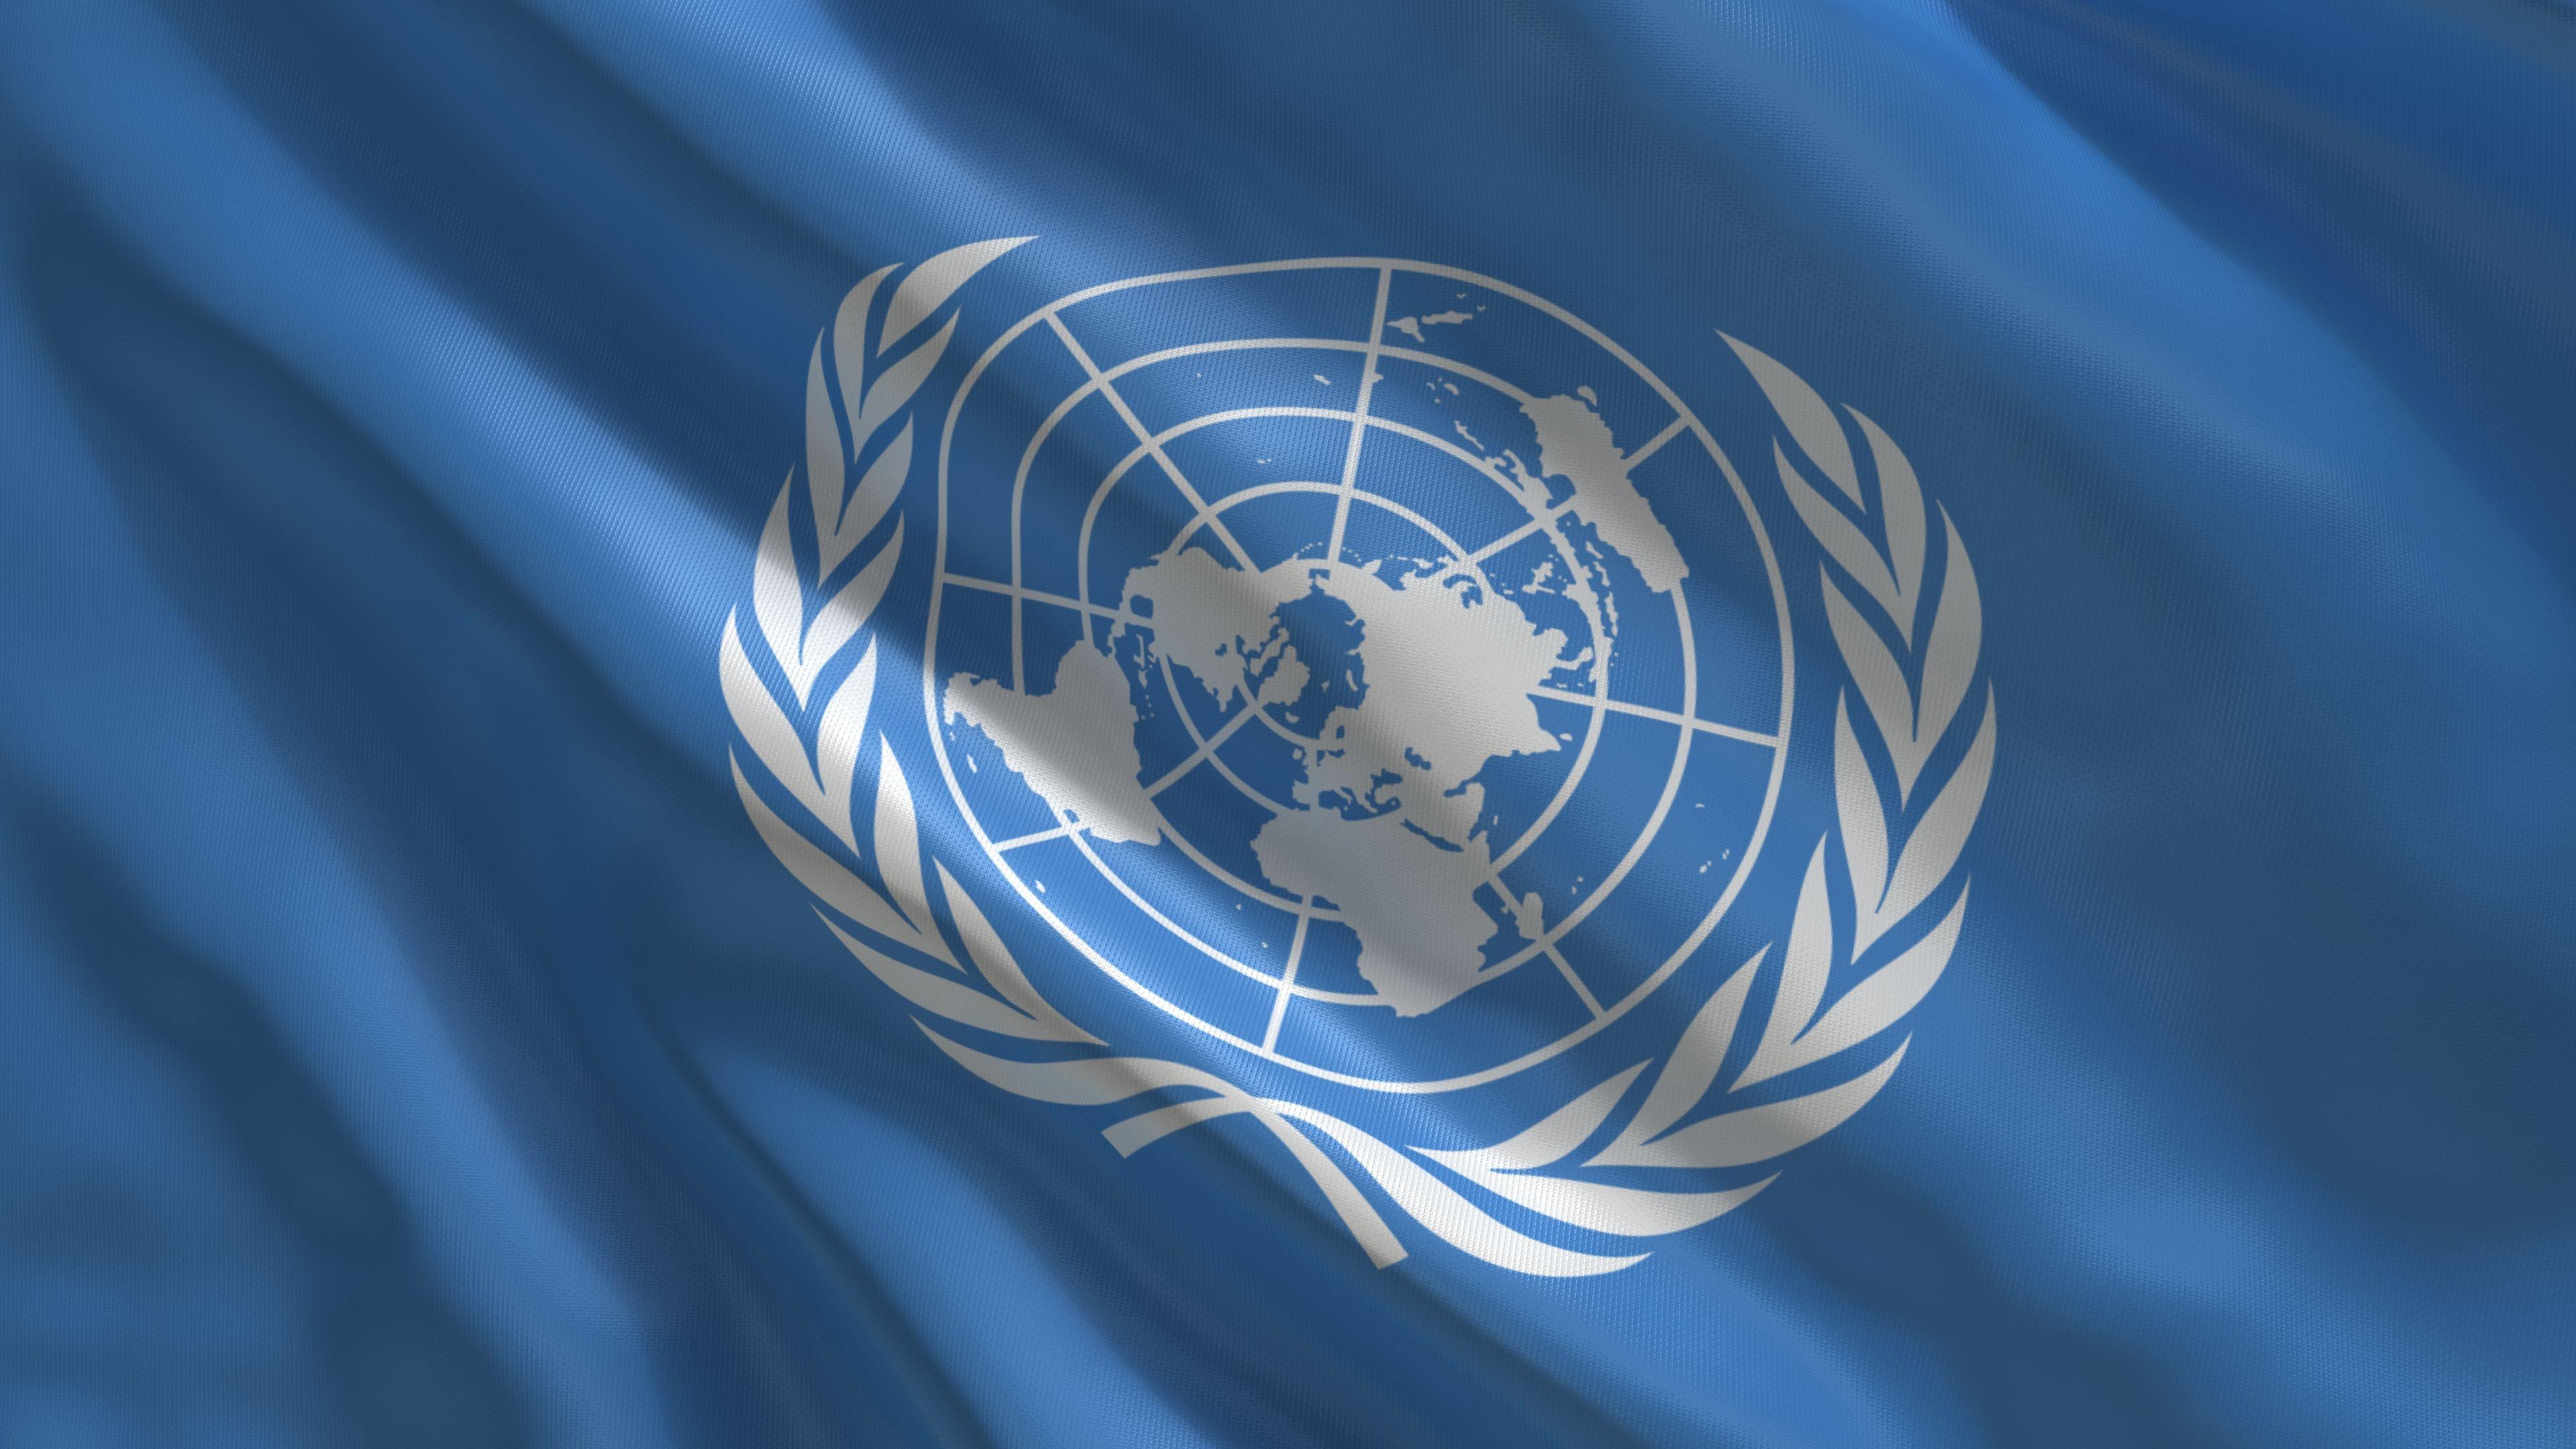 Onu United Nations Organizacion De Las Naciones Unidas Un Bandera Flag Naciones Naciones Unidas Banderas Del Mundo